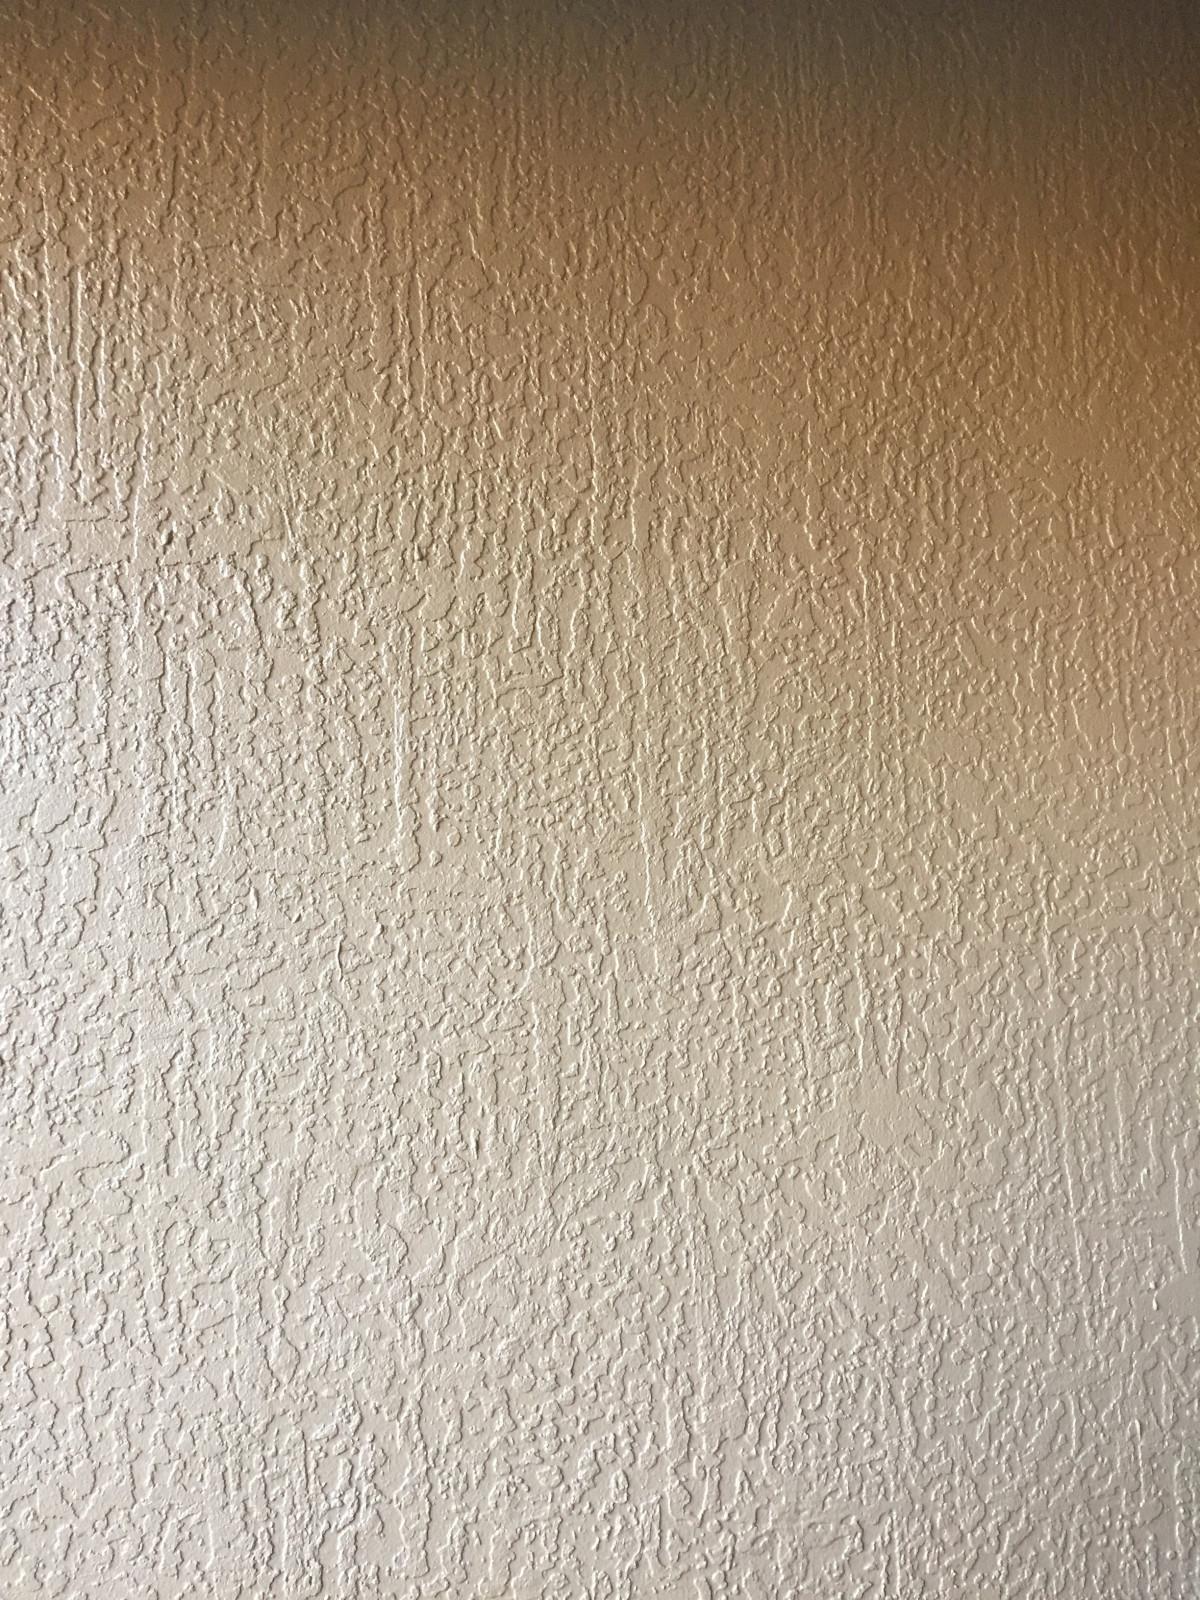 Fotos gratis  madera textura piso sombra pared techo